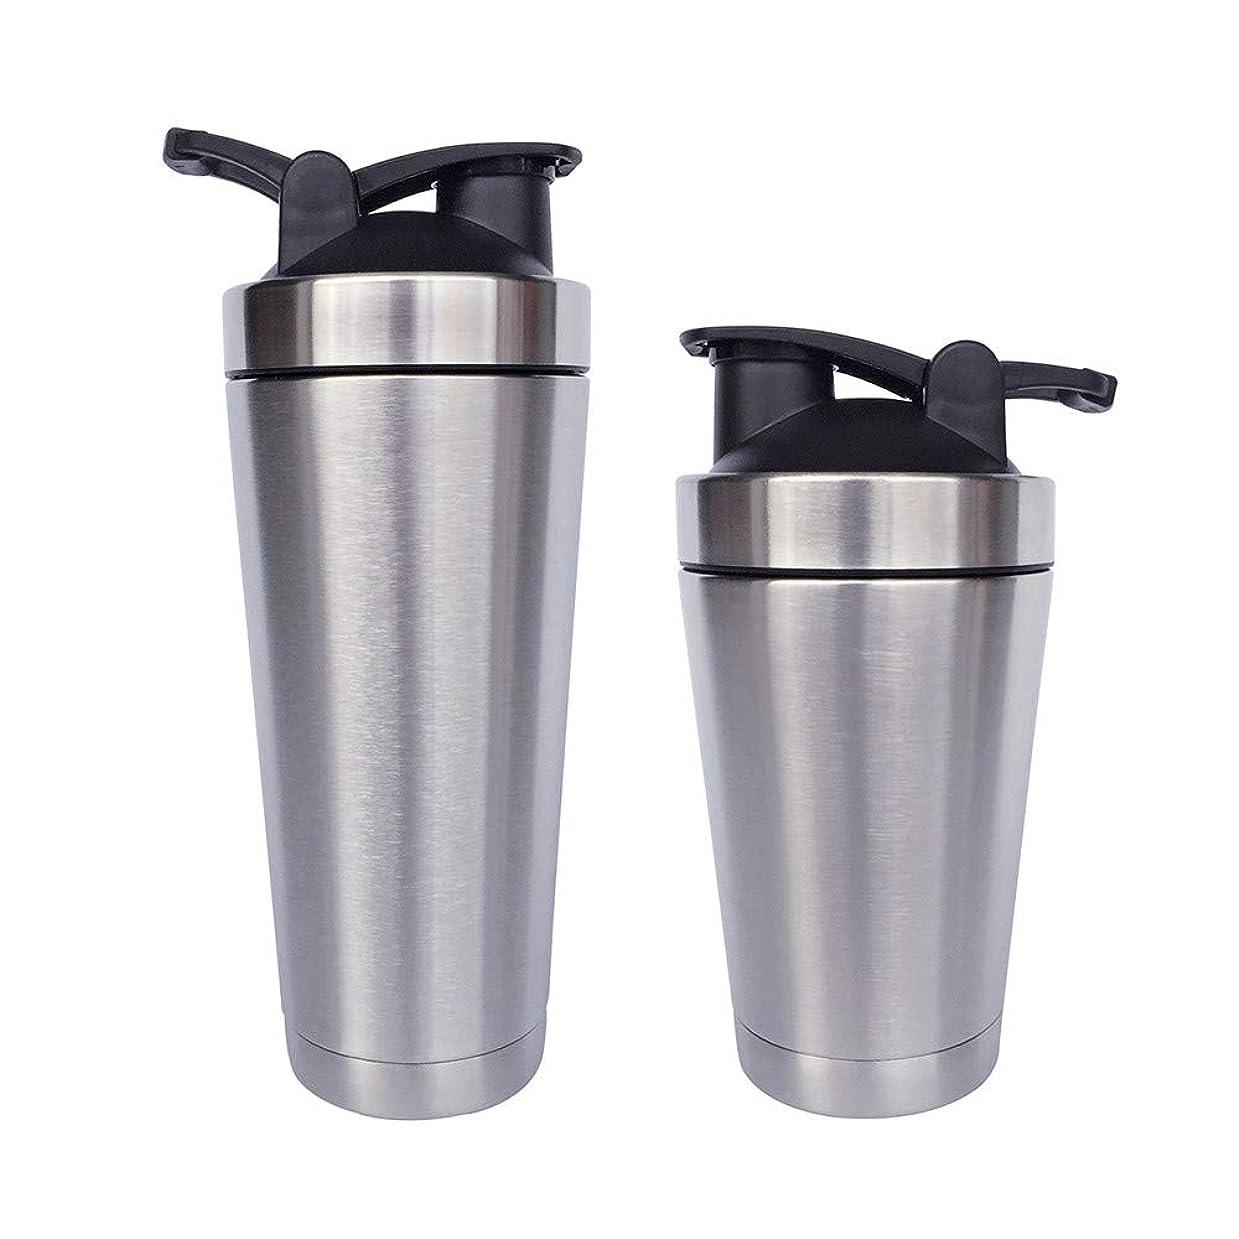 インサートキッチン実質的シェーカーボトル-二重壁ステンレス鋼 & 真空断熱-時間のためのホットまたはコールドドリンクをキープ-臭気耐性抗菌汗プルーフ-環境にやさしい無毒 (銀),500ML